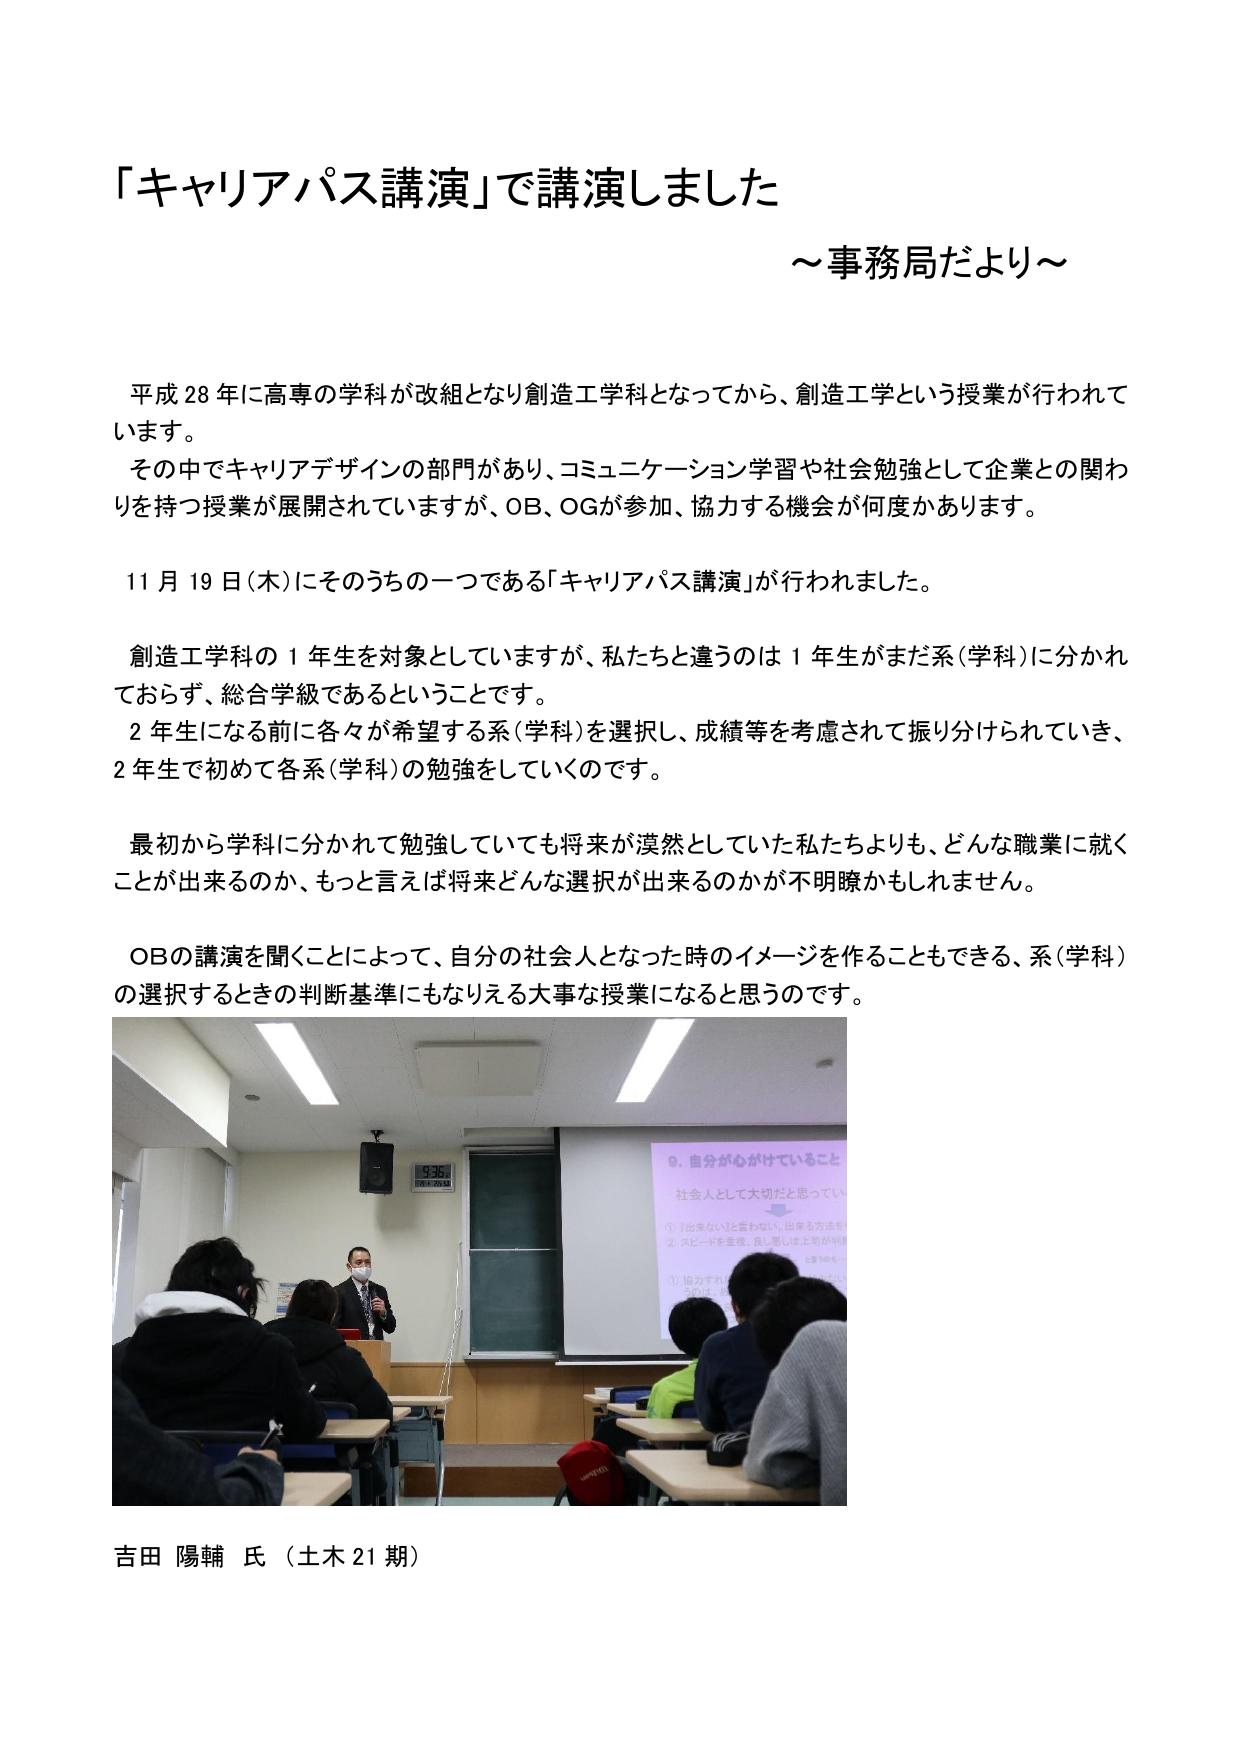 キャリアパス講演_page-0001